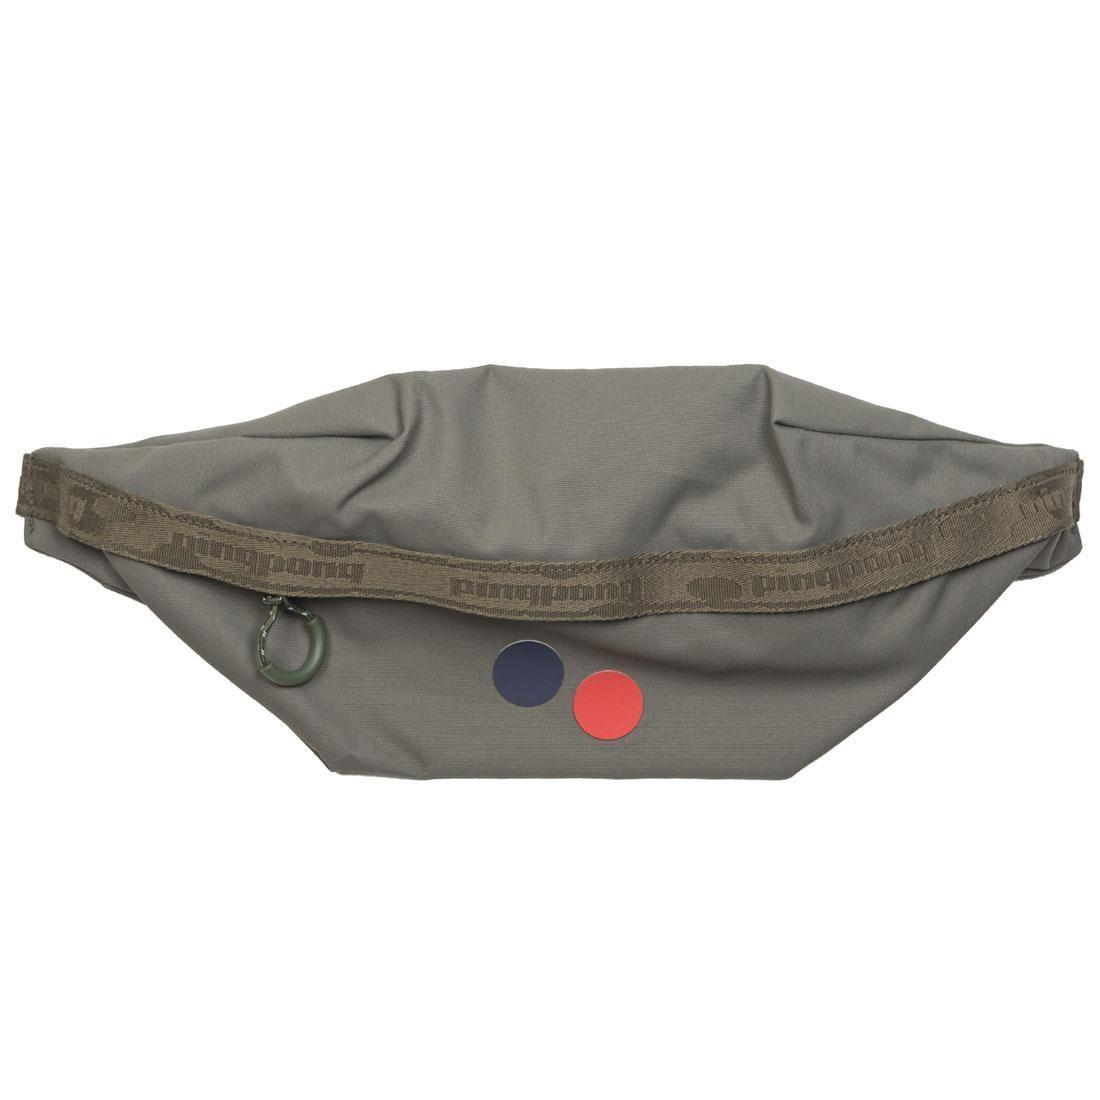 Pinqponq Brik Hip Bag (olive)